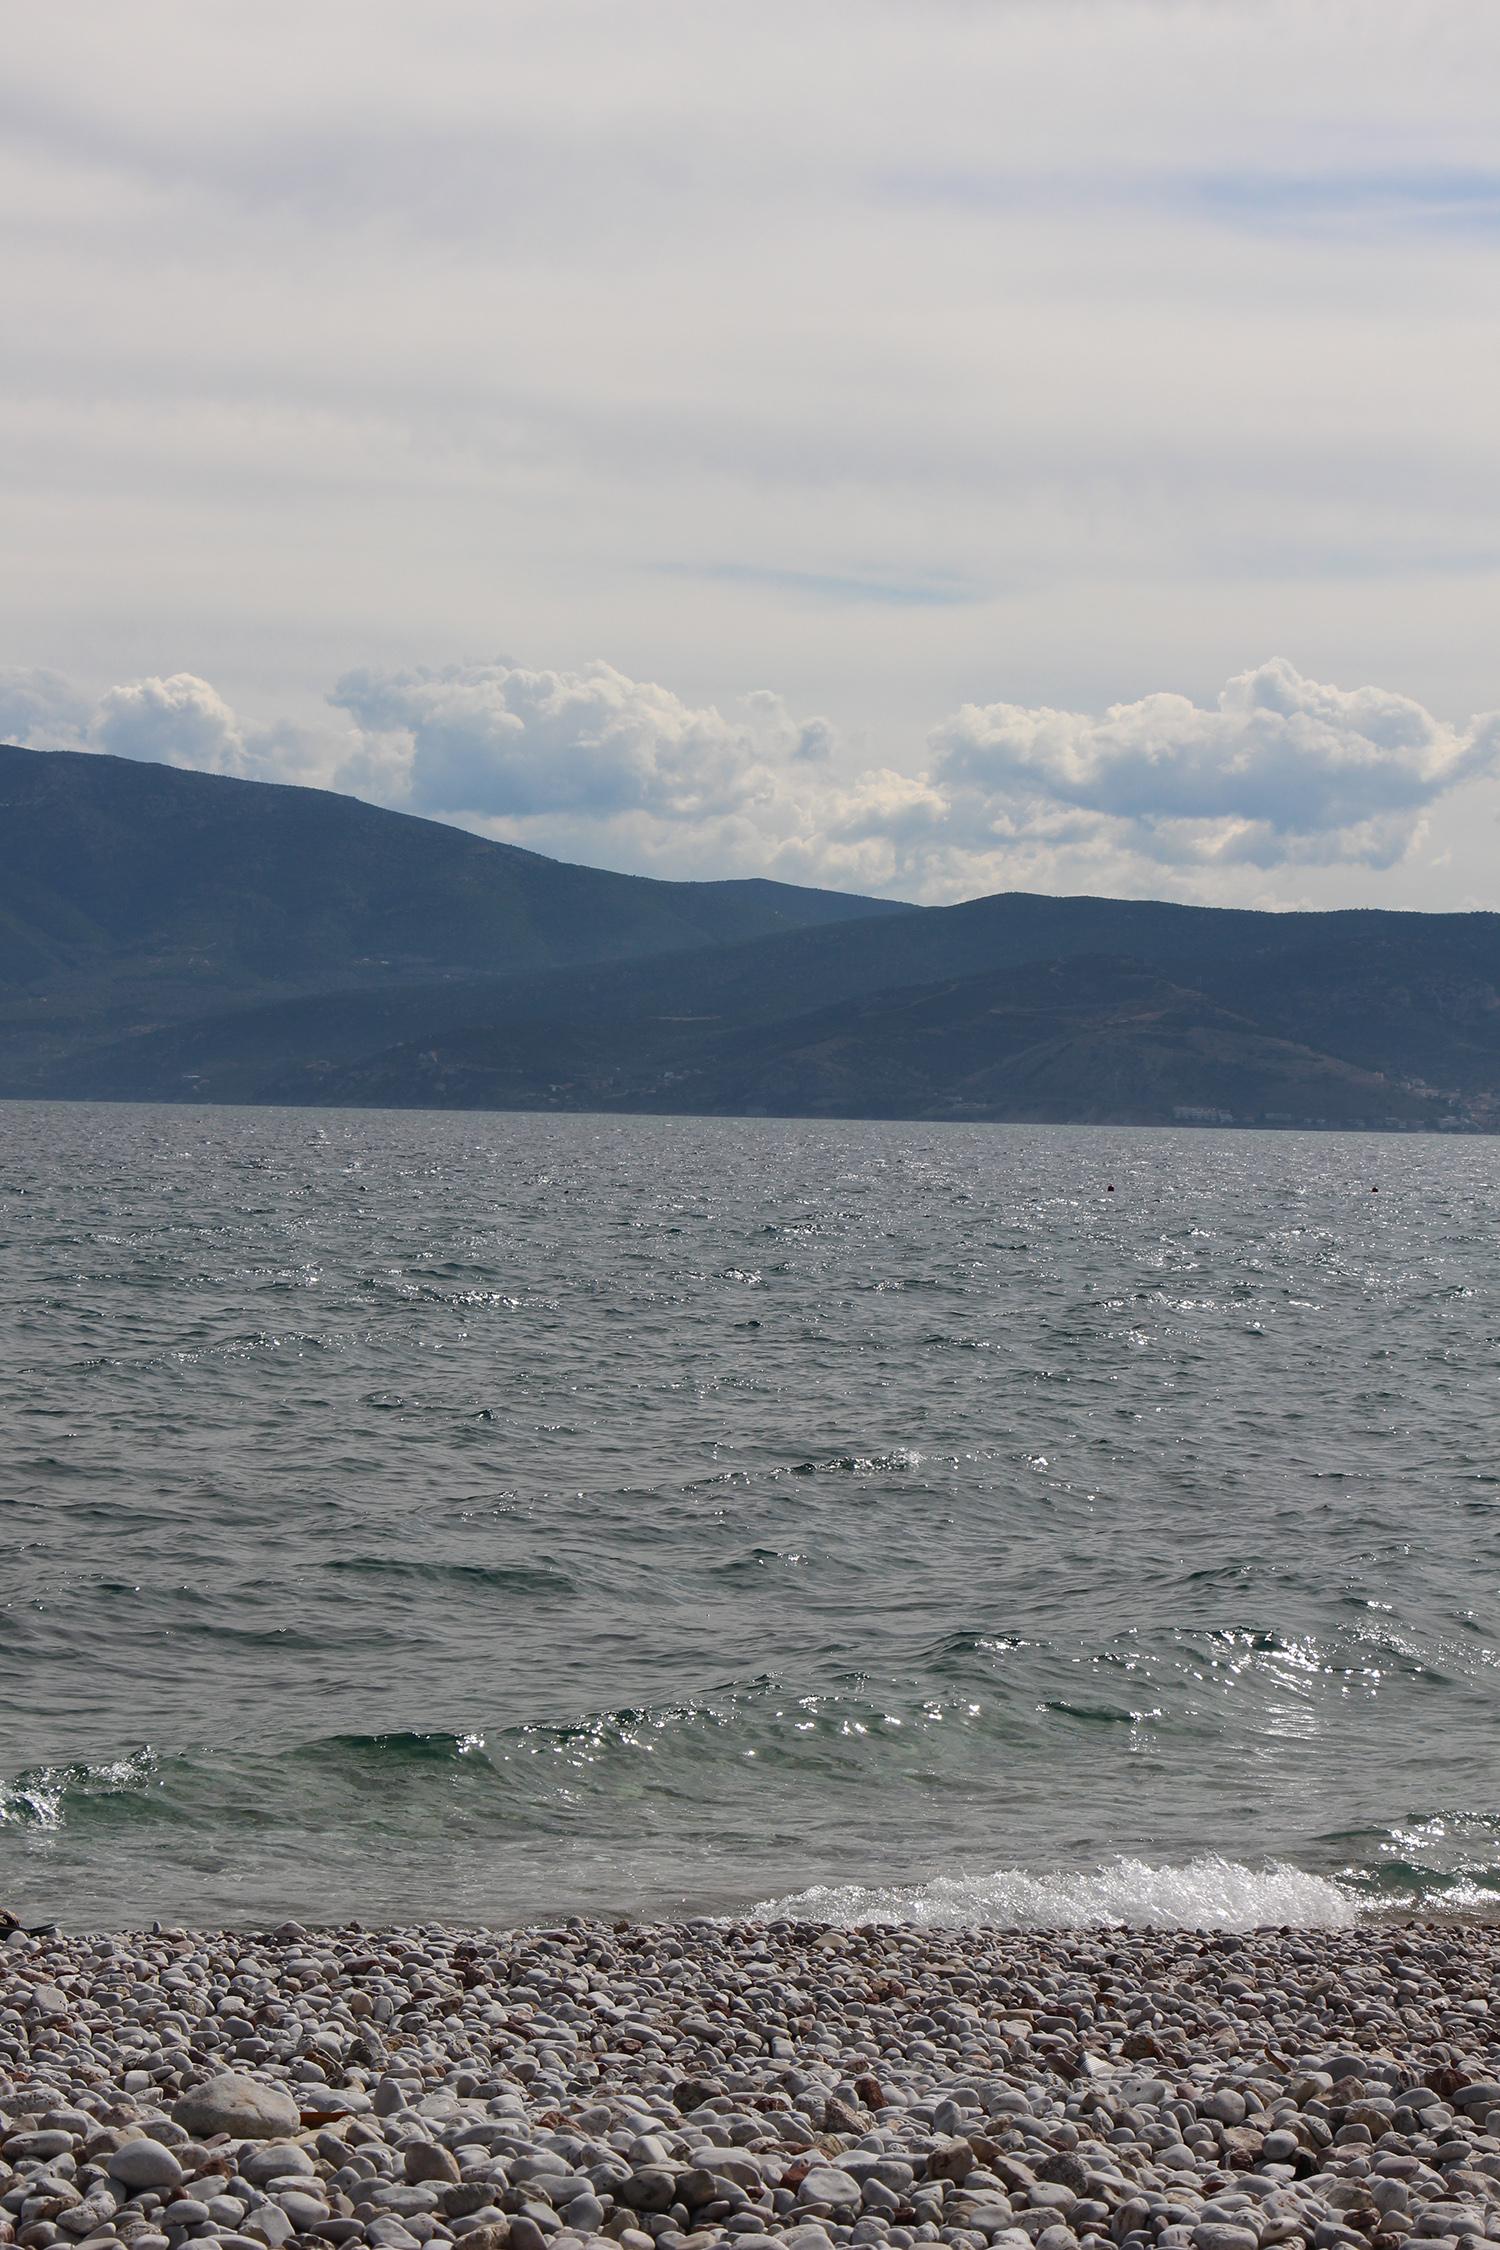 nafplio greece beaches arvanatia rocky